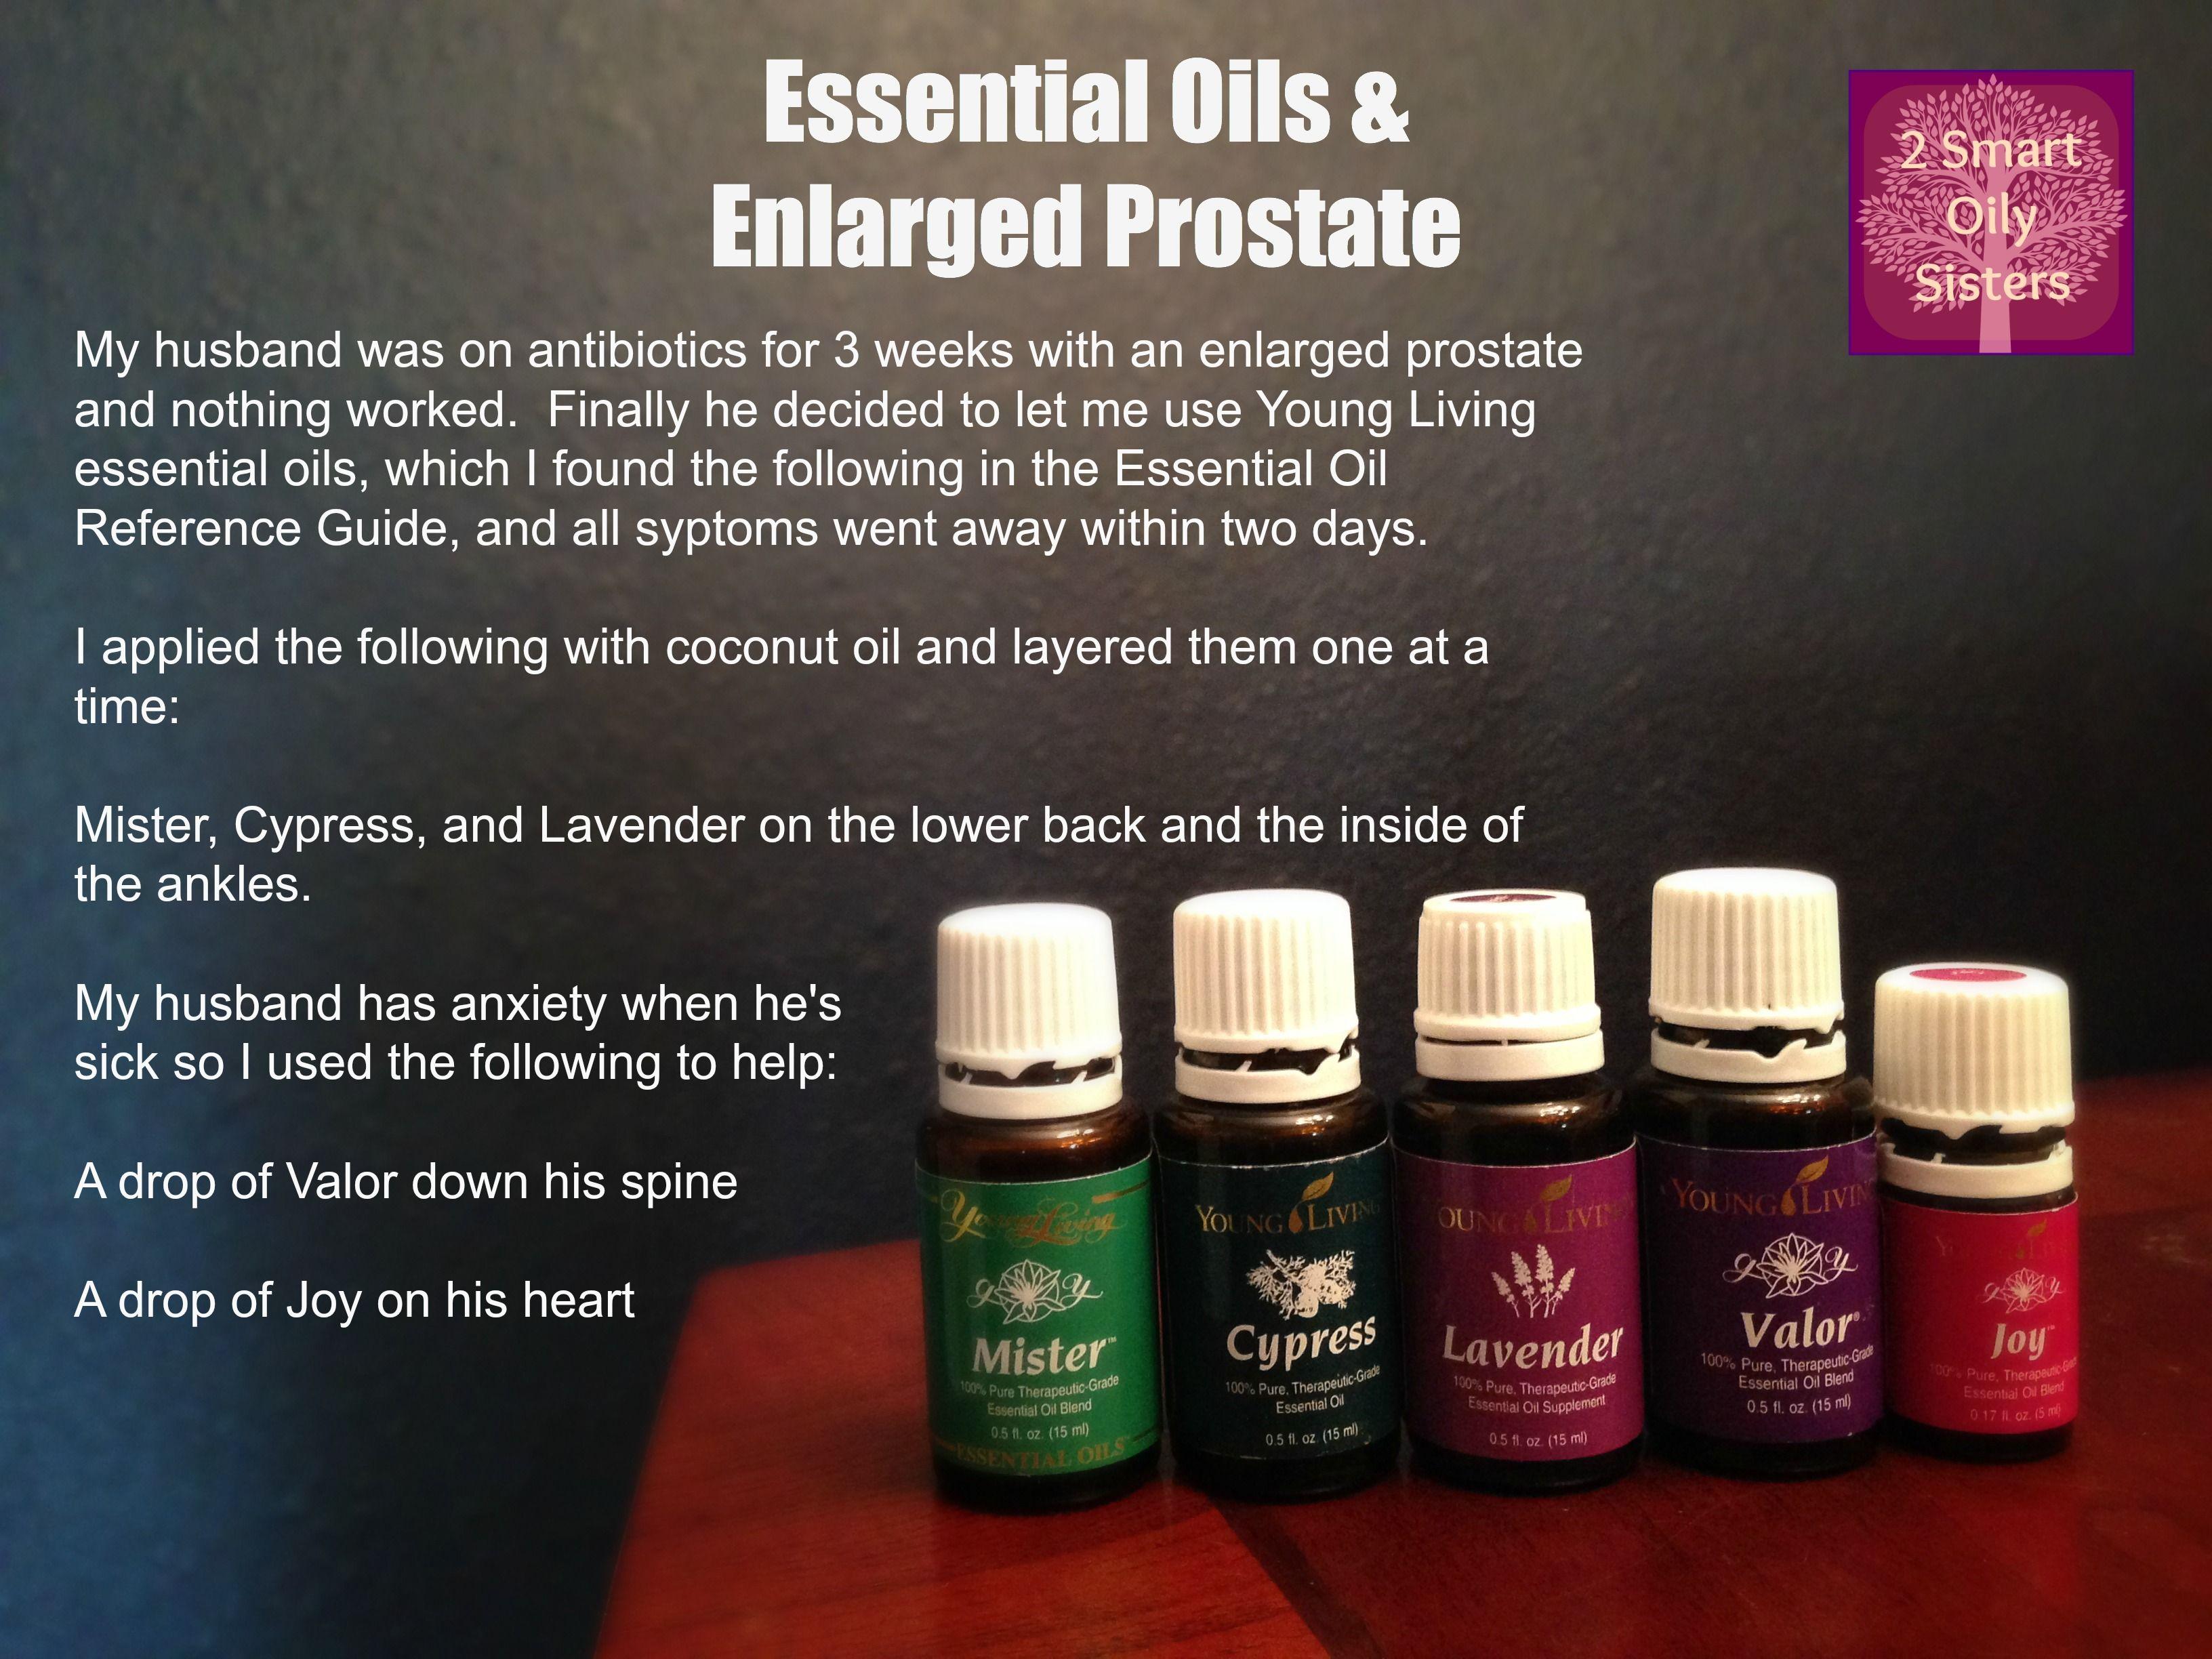 Protical para la salud de la próstata con aceites esenciales yl